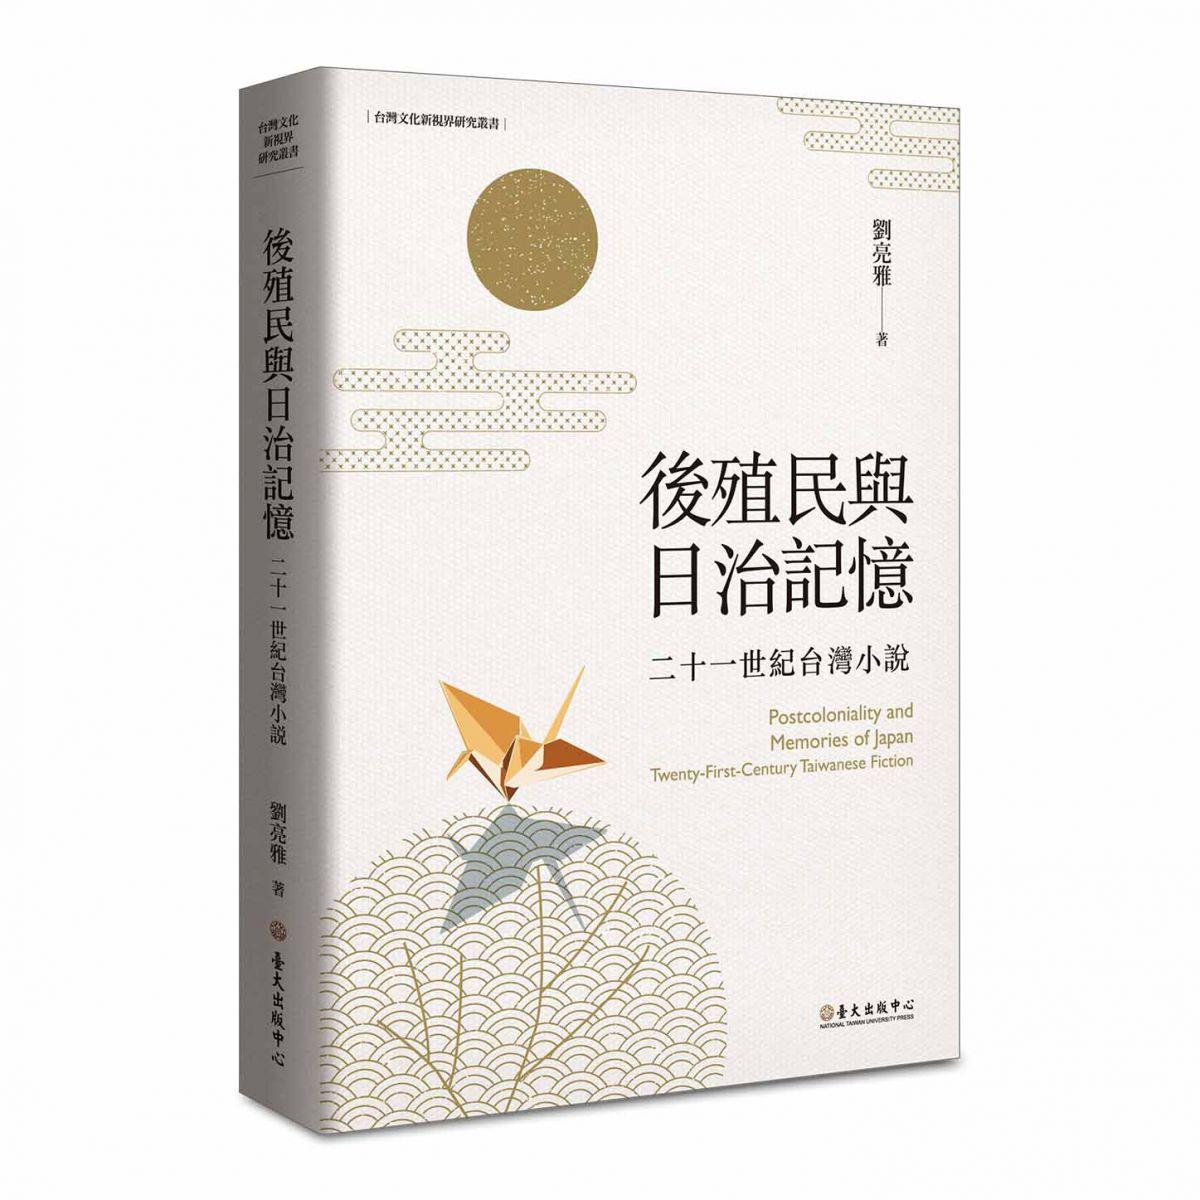 《後殖民與日治記憶》剖析台灣小說與電影,重返日治記憶意涵